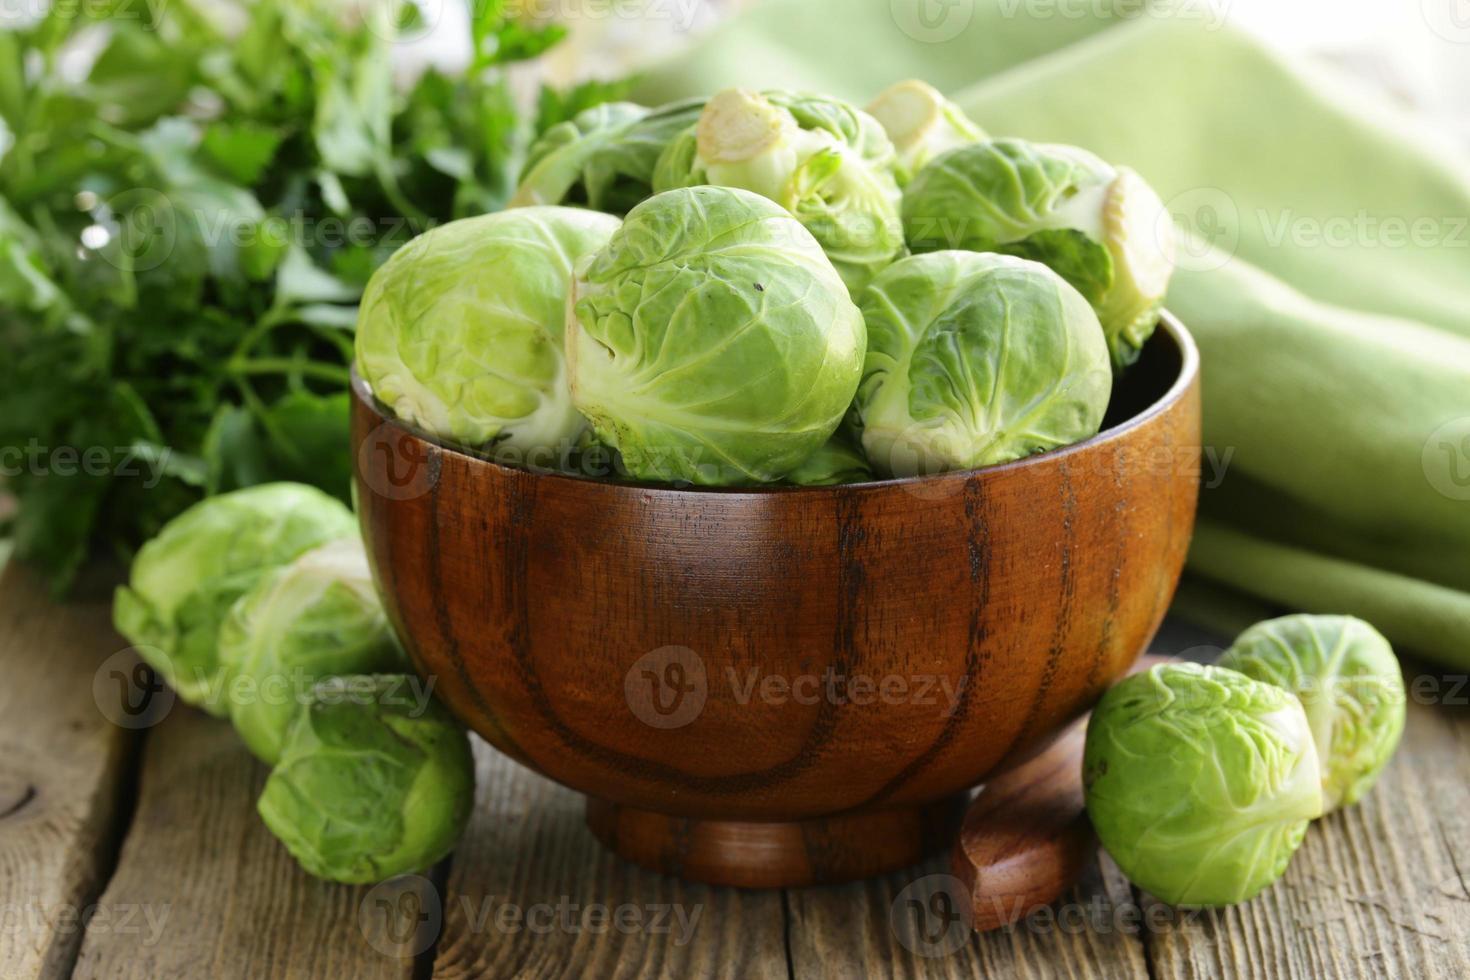 cavoletti di Bruxelles verdi organici crudi freschi foto